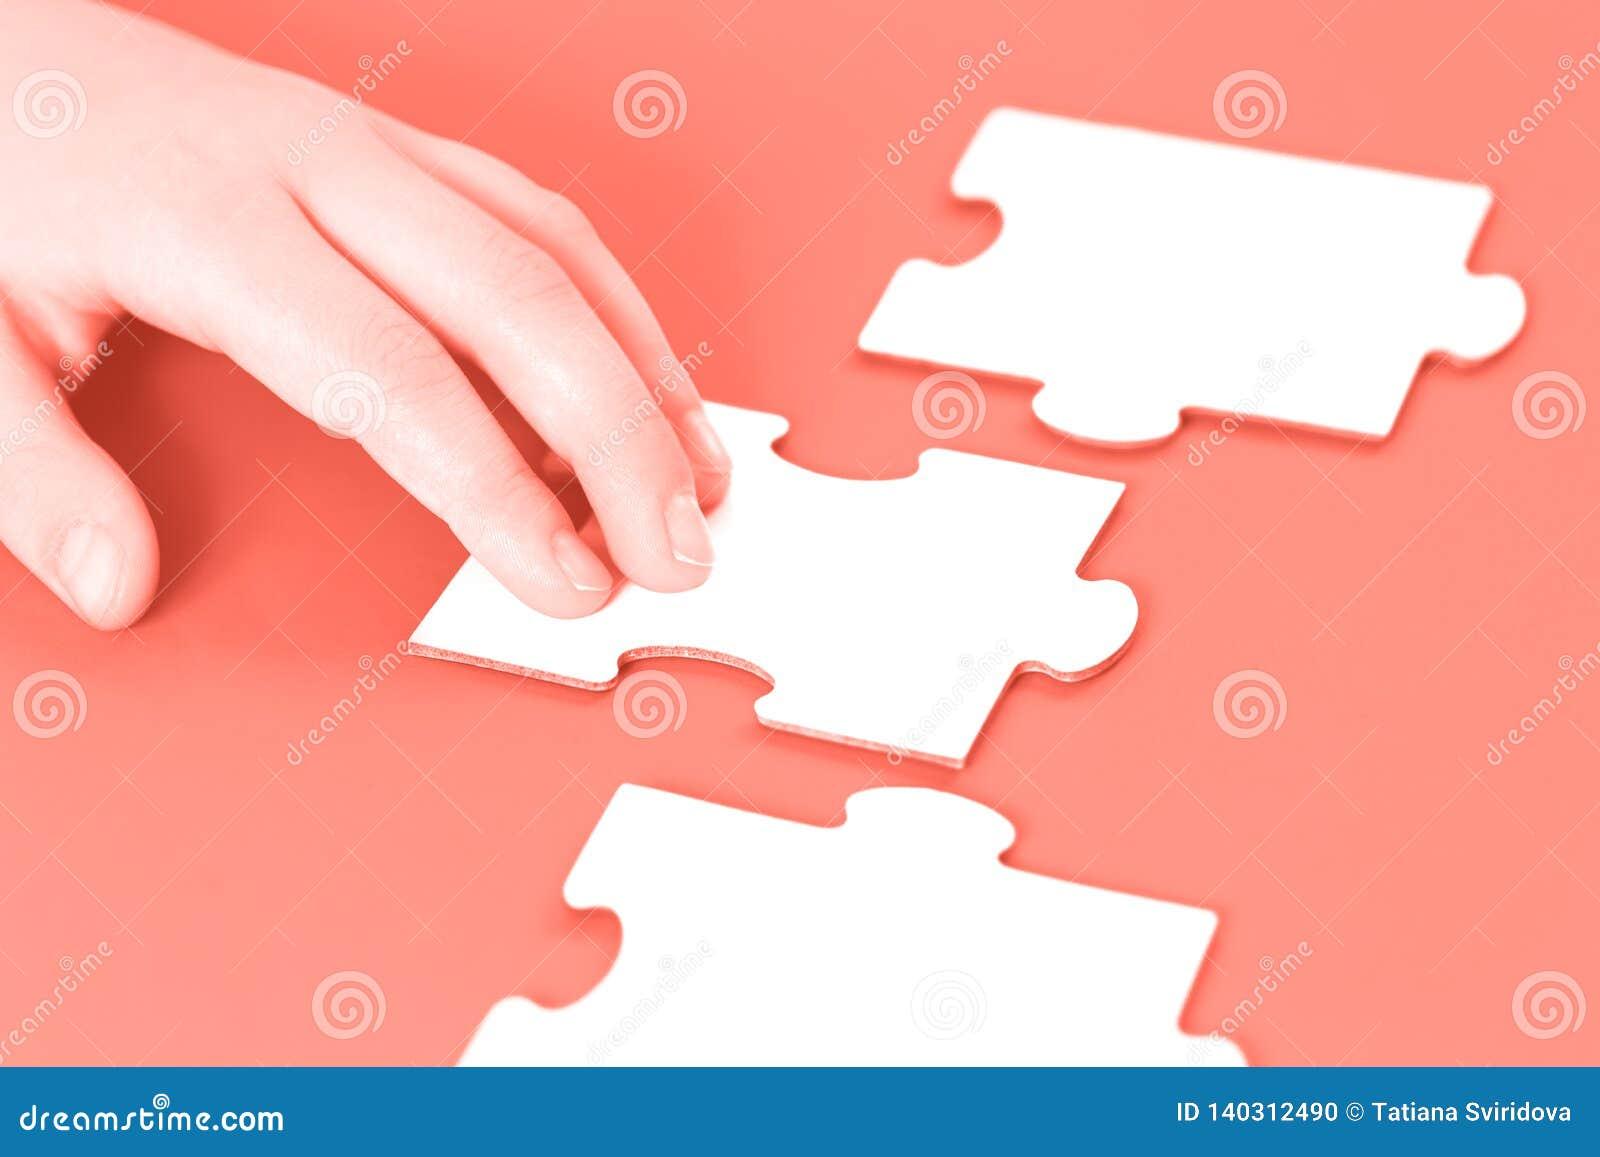 Mão com partes do enigma de serra de vaivém na mesa coral